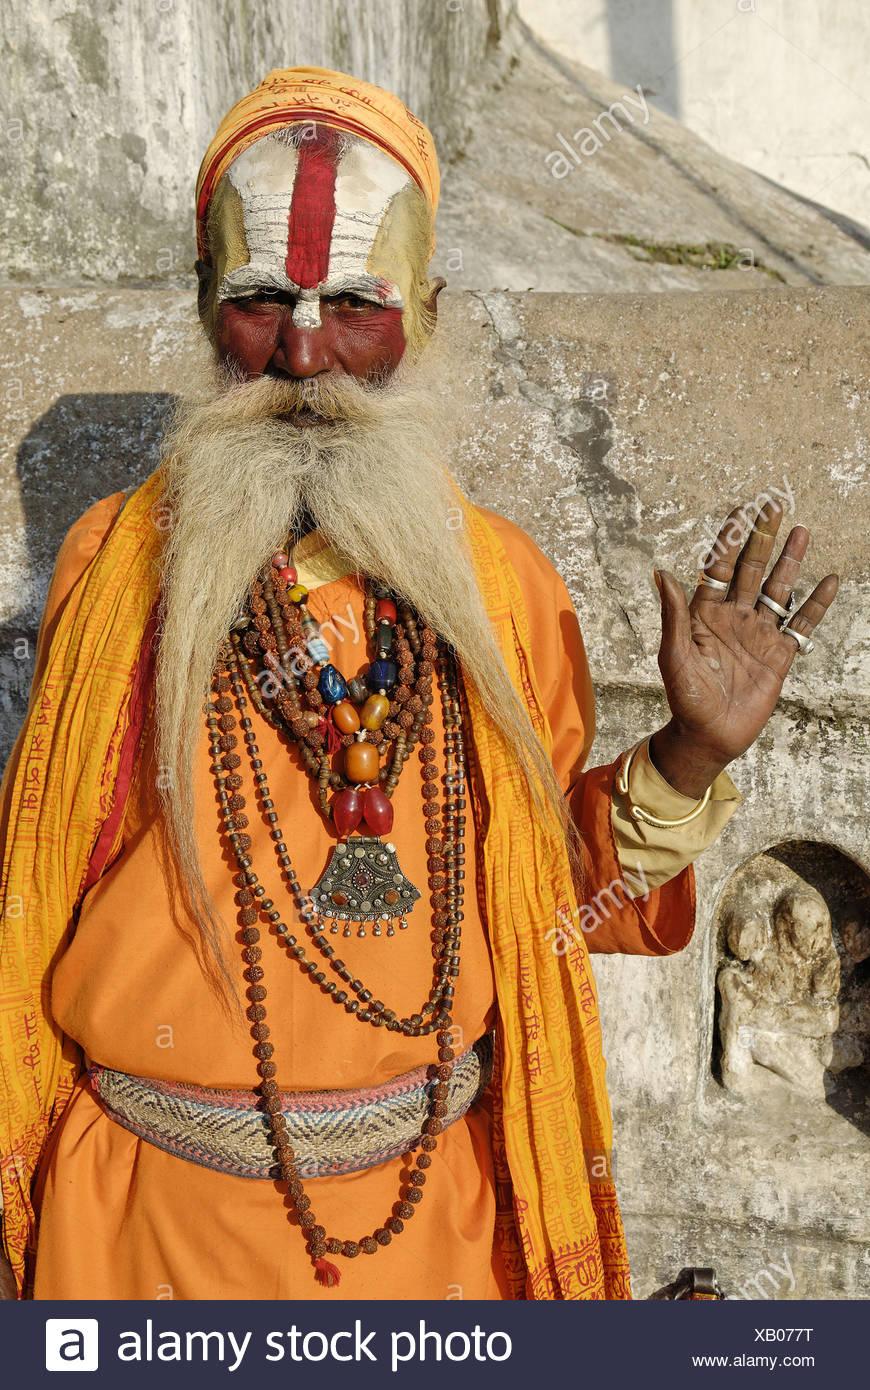 Sadhu holy man Pashupatinath Katmandu Nepal Himalayas Asia Asian asceticism ascetic ascetically beard whiskers painted face - Stock Image